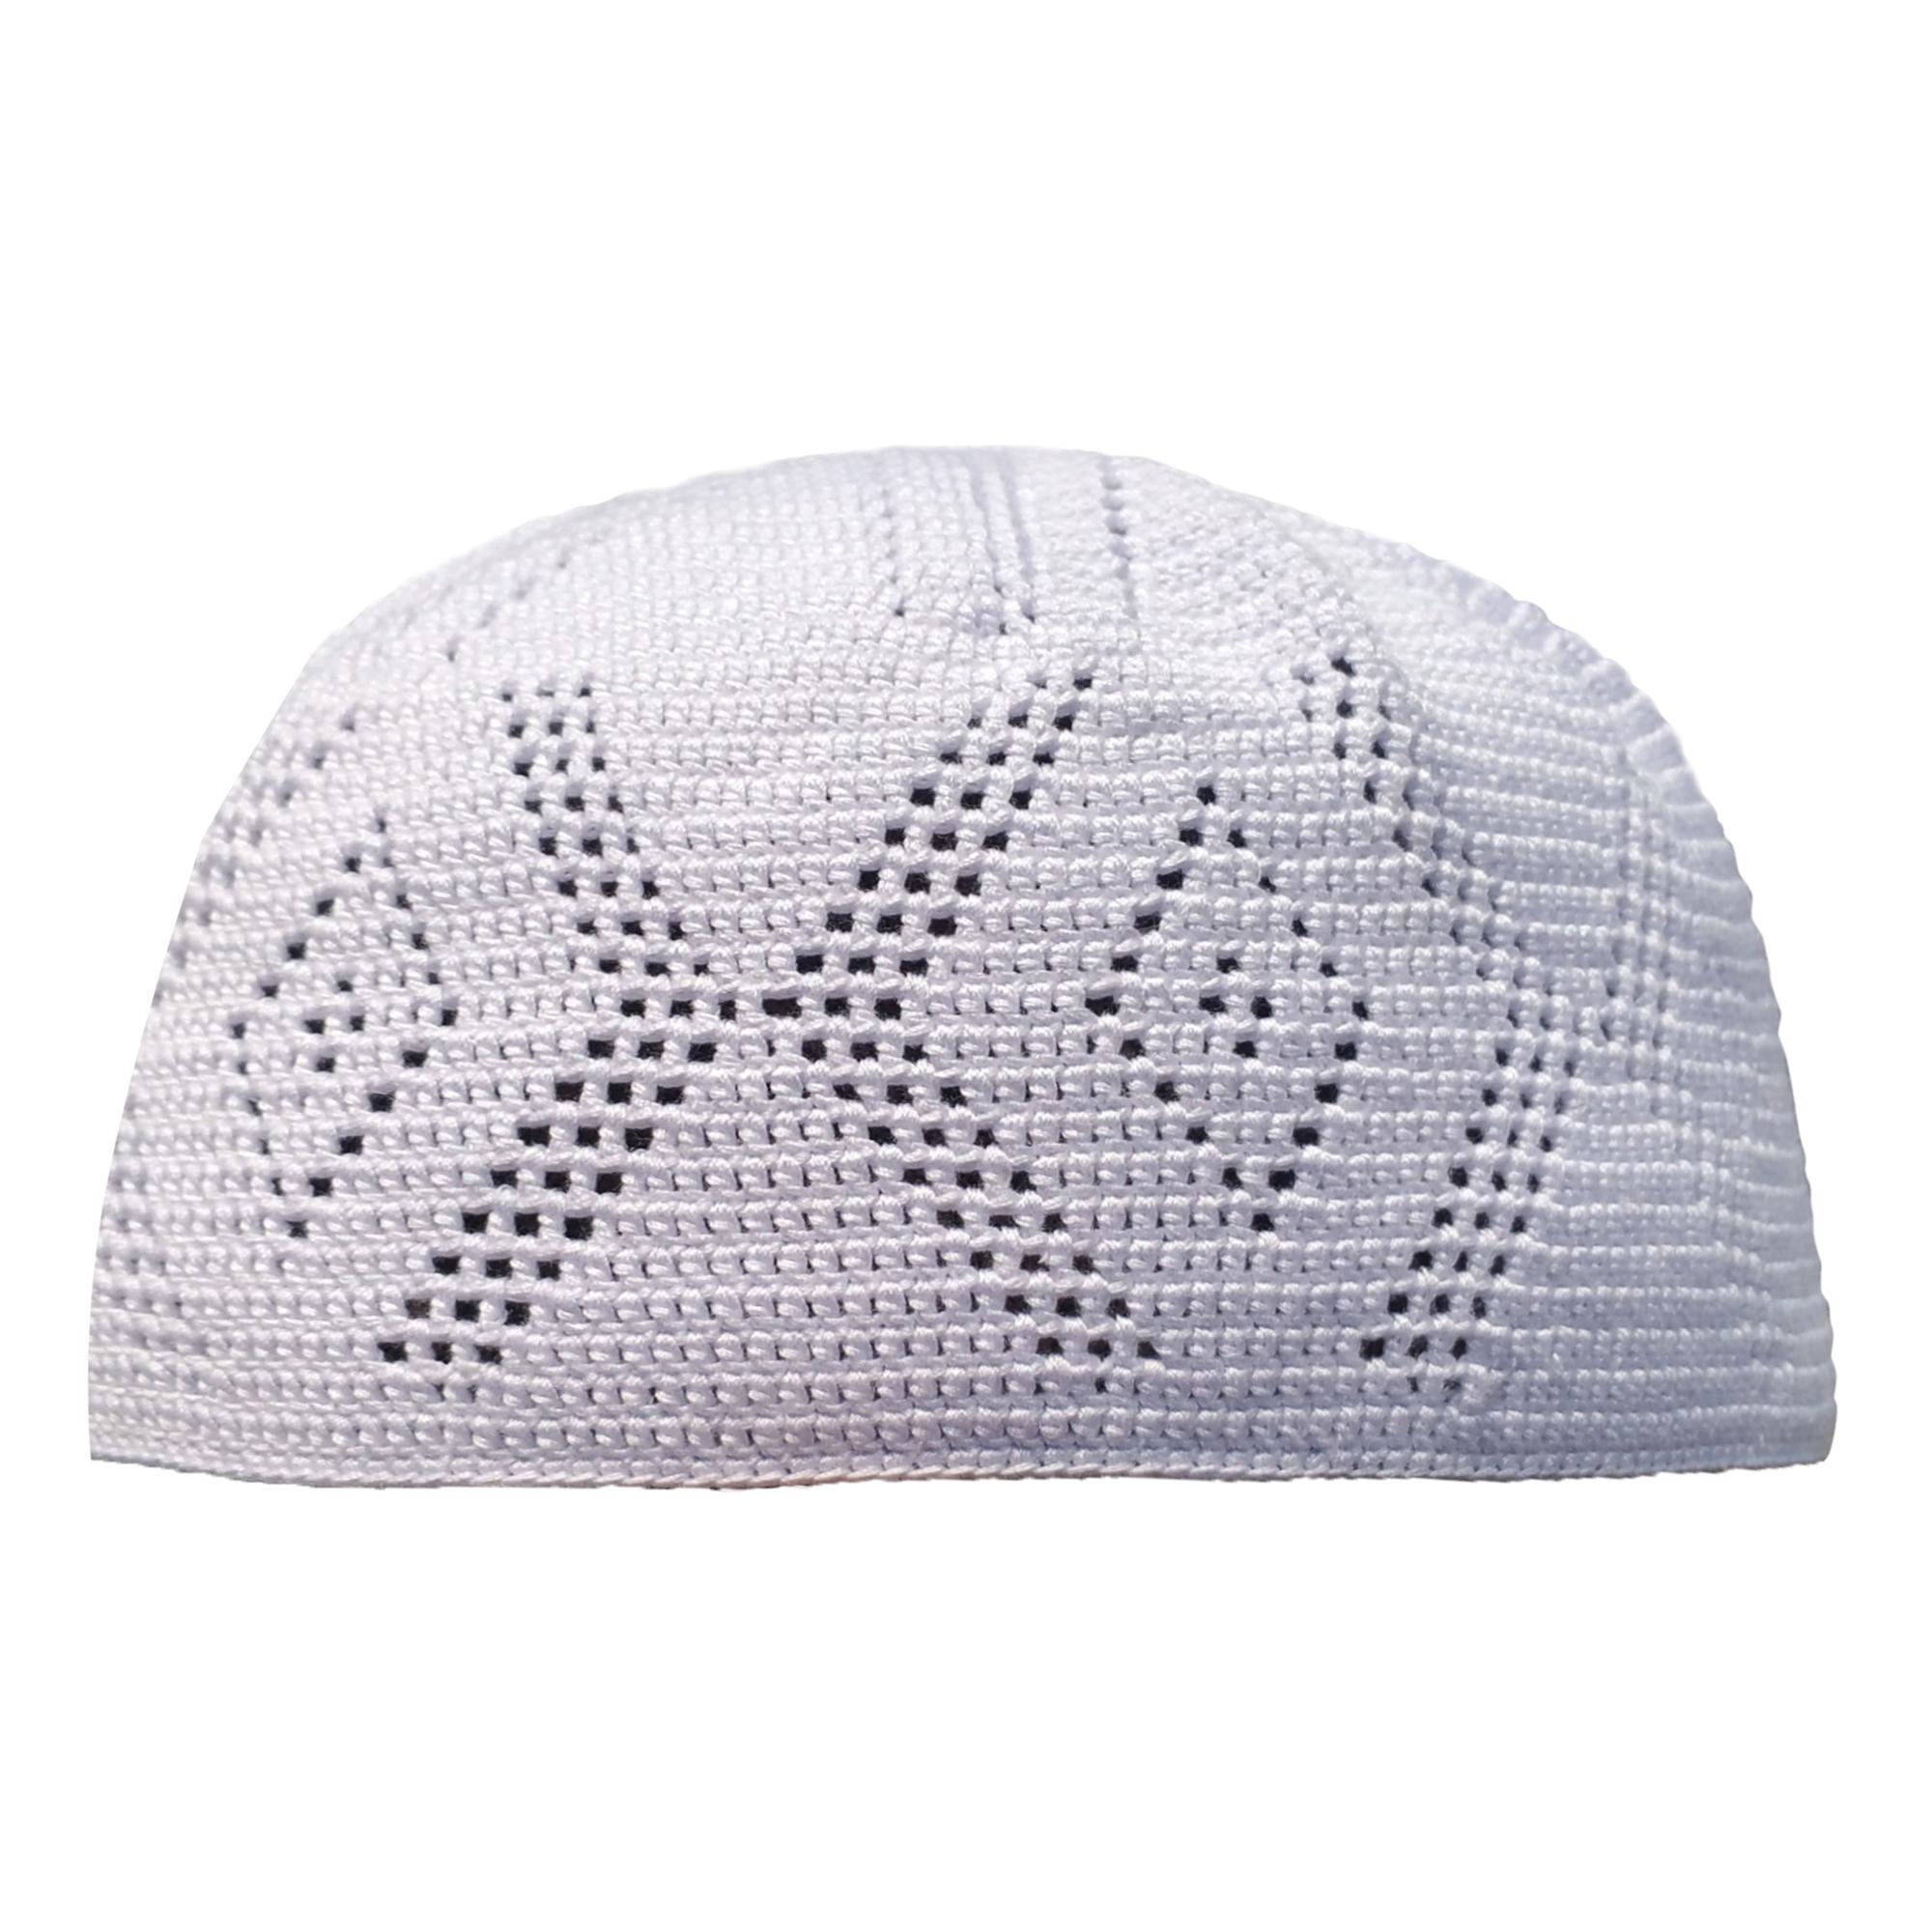 Detail Peci Katun Rajut Warna Putih Polos Wave Handcrochet Cotton Kufi